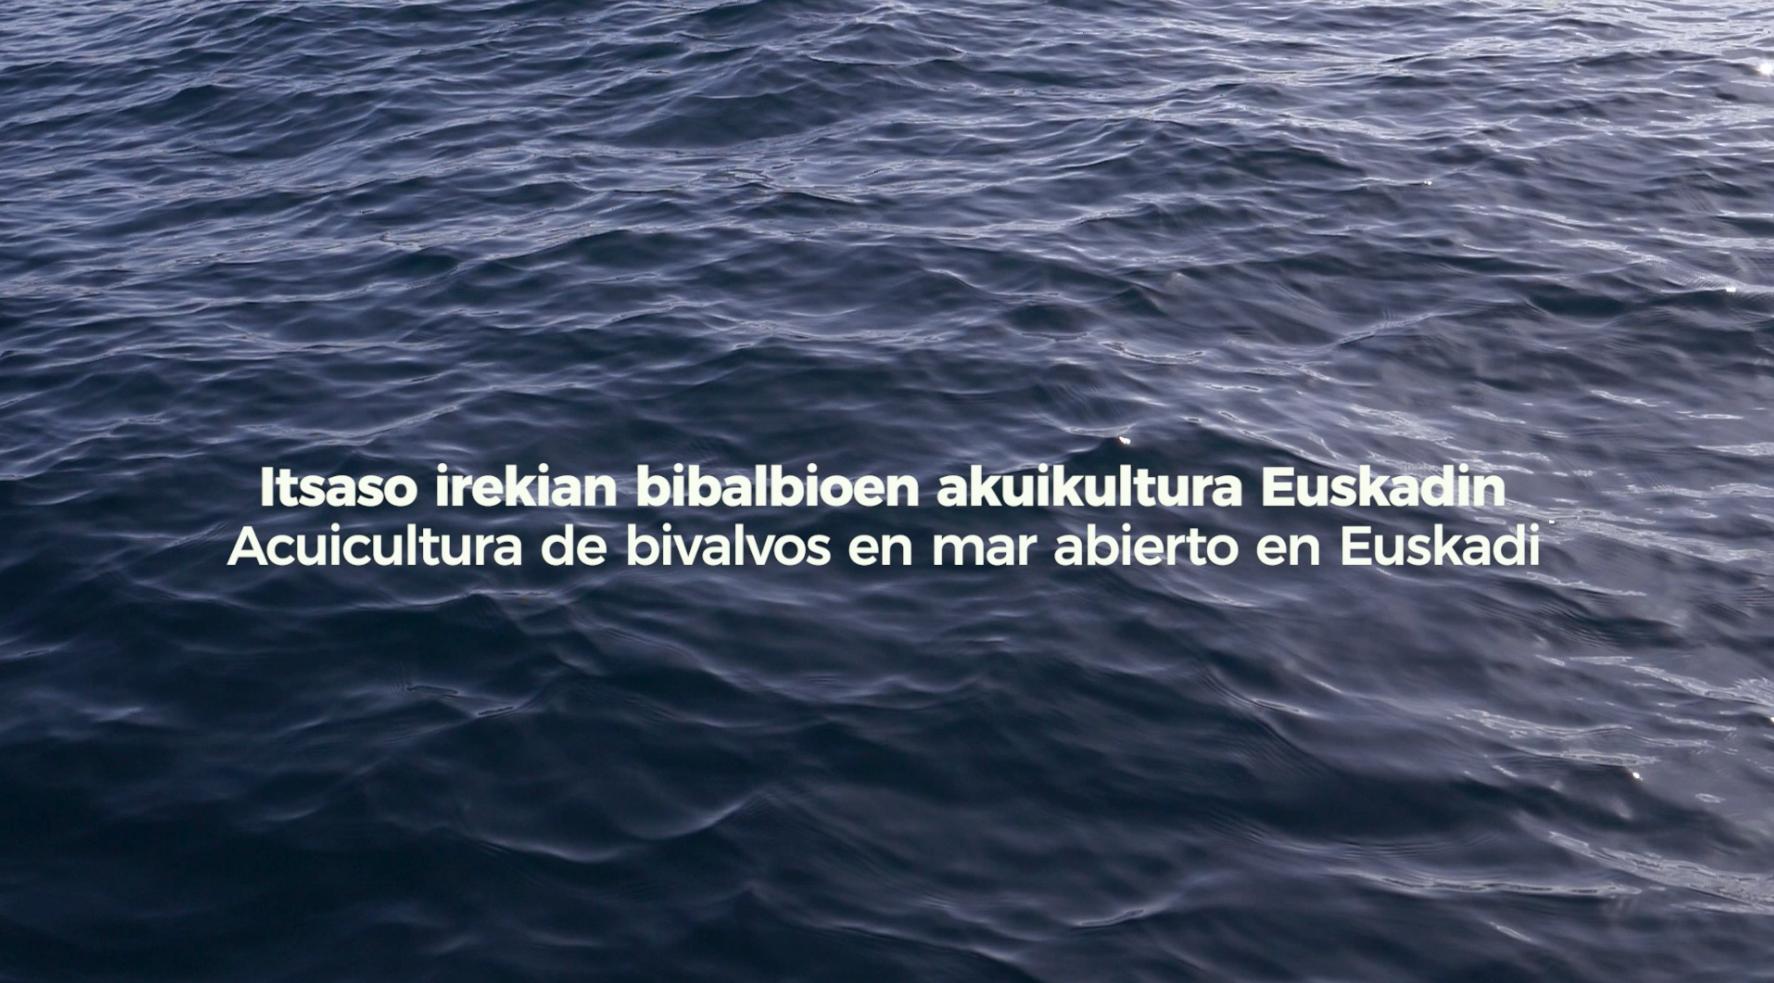 Itsaso irekian bibalbioen akuikultura Euskadin